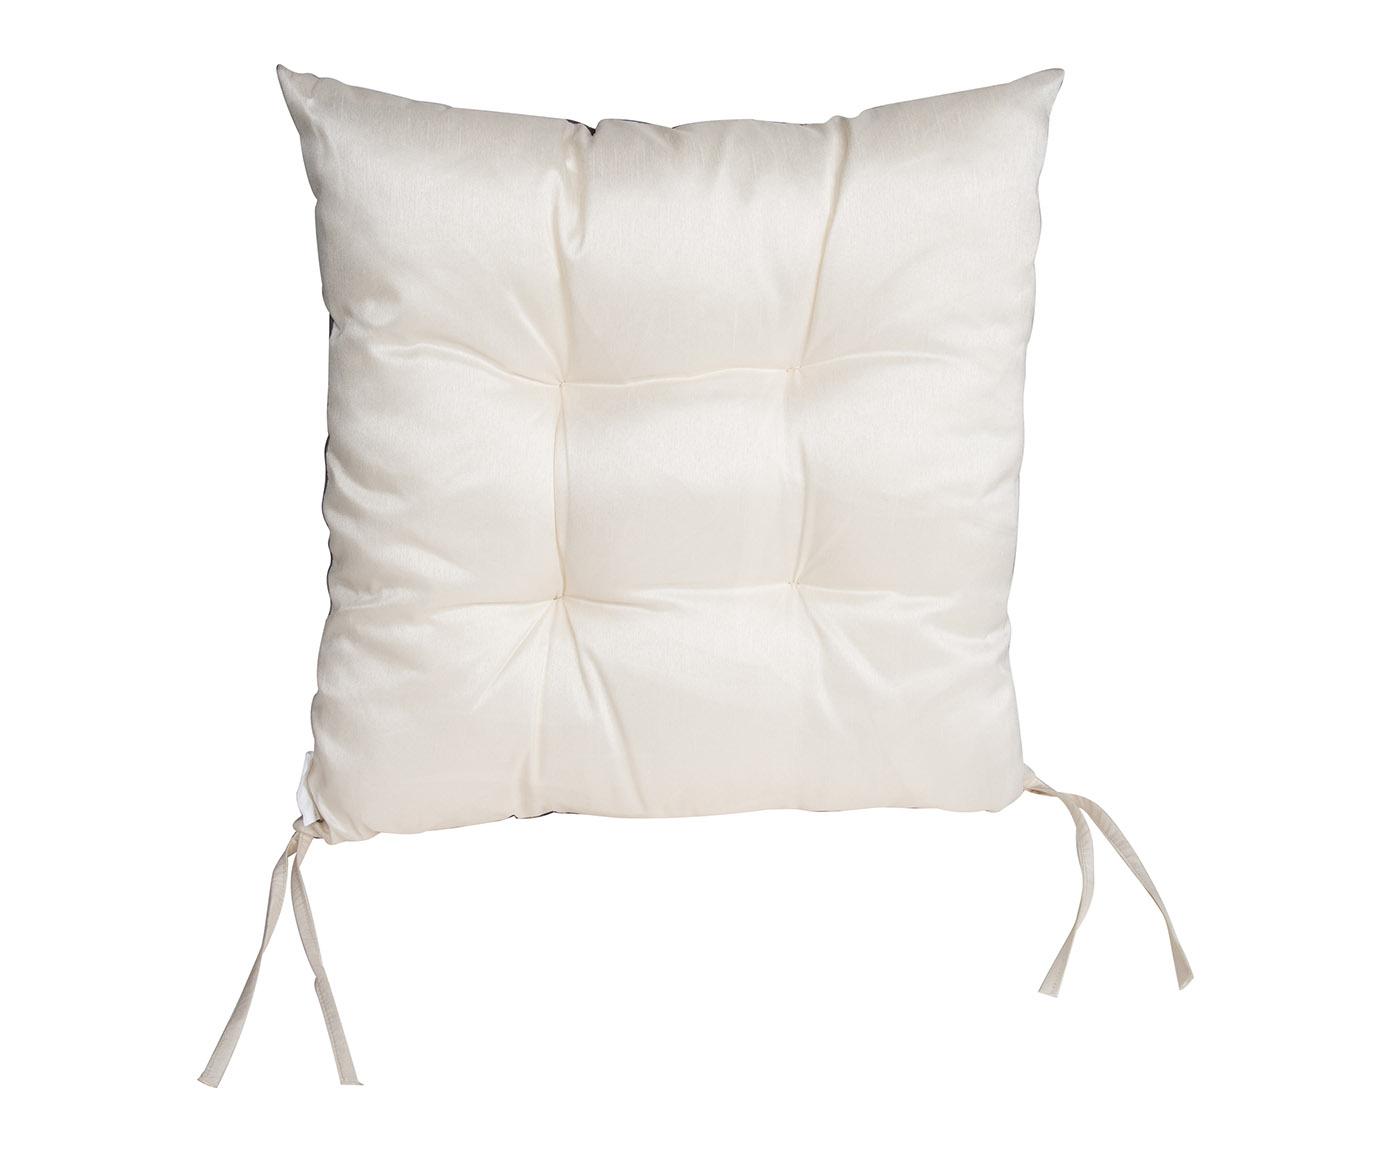 galette de chaise grise carr e sera id ale plac e sur une. Black Bedroom Furniture Sets. Home Design Ideas